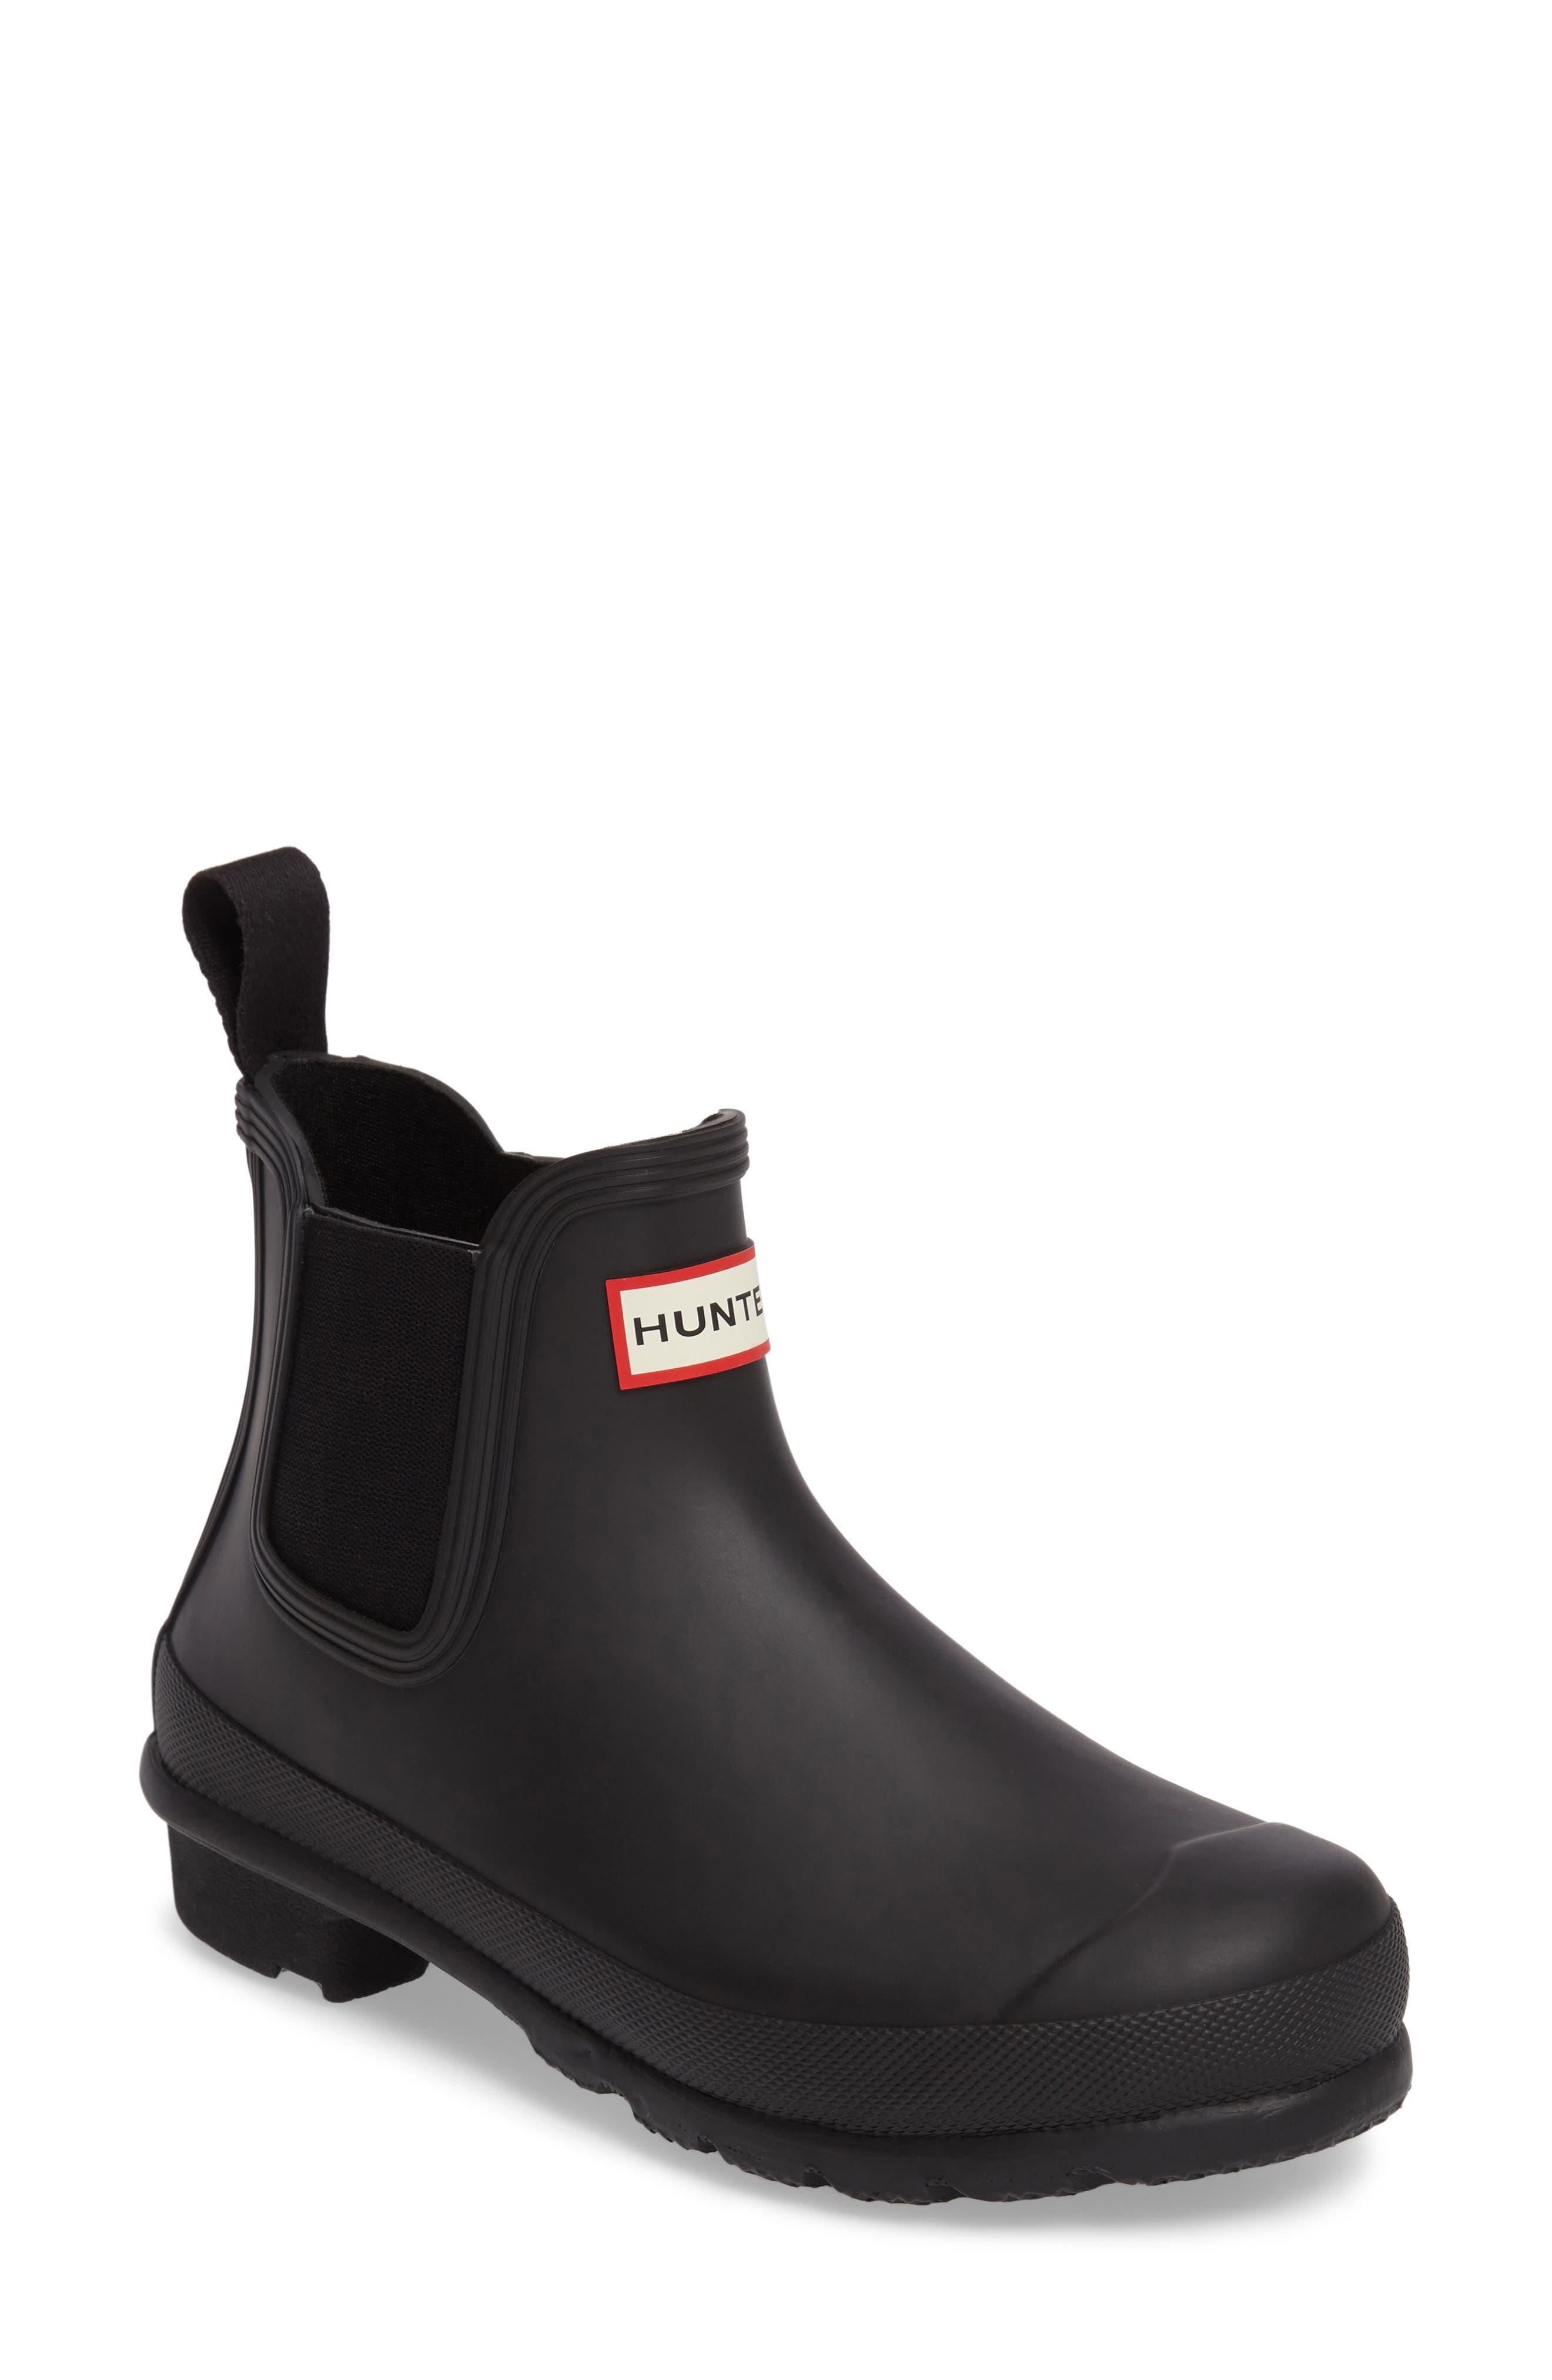 HUNTER Original Waterproof Chelsea Rain Boot, Main, color, BLACK MATTE